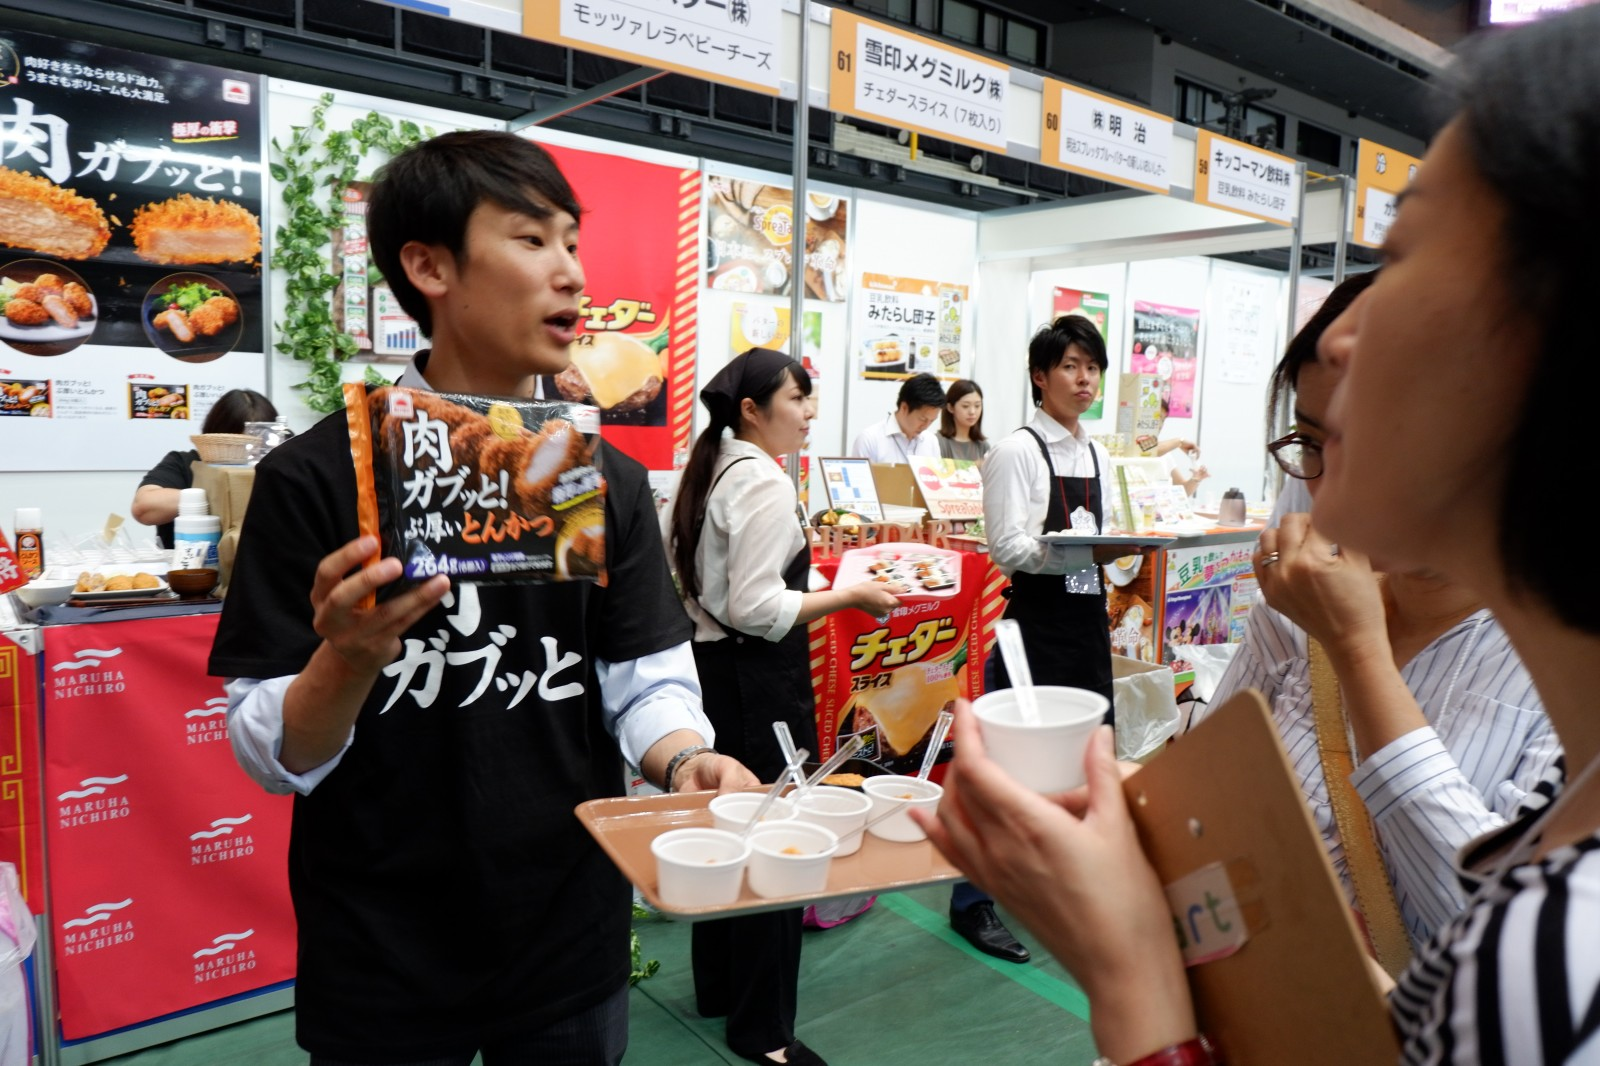 今年も炒飯! いや「肉ガブっと!」 日本アクセス 人気ランキング結果発表~